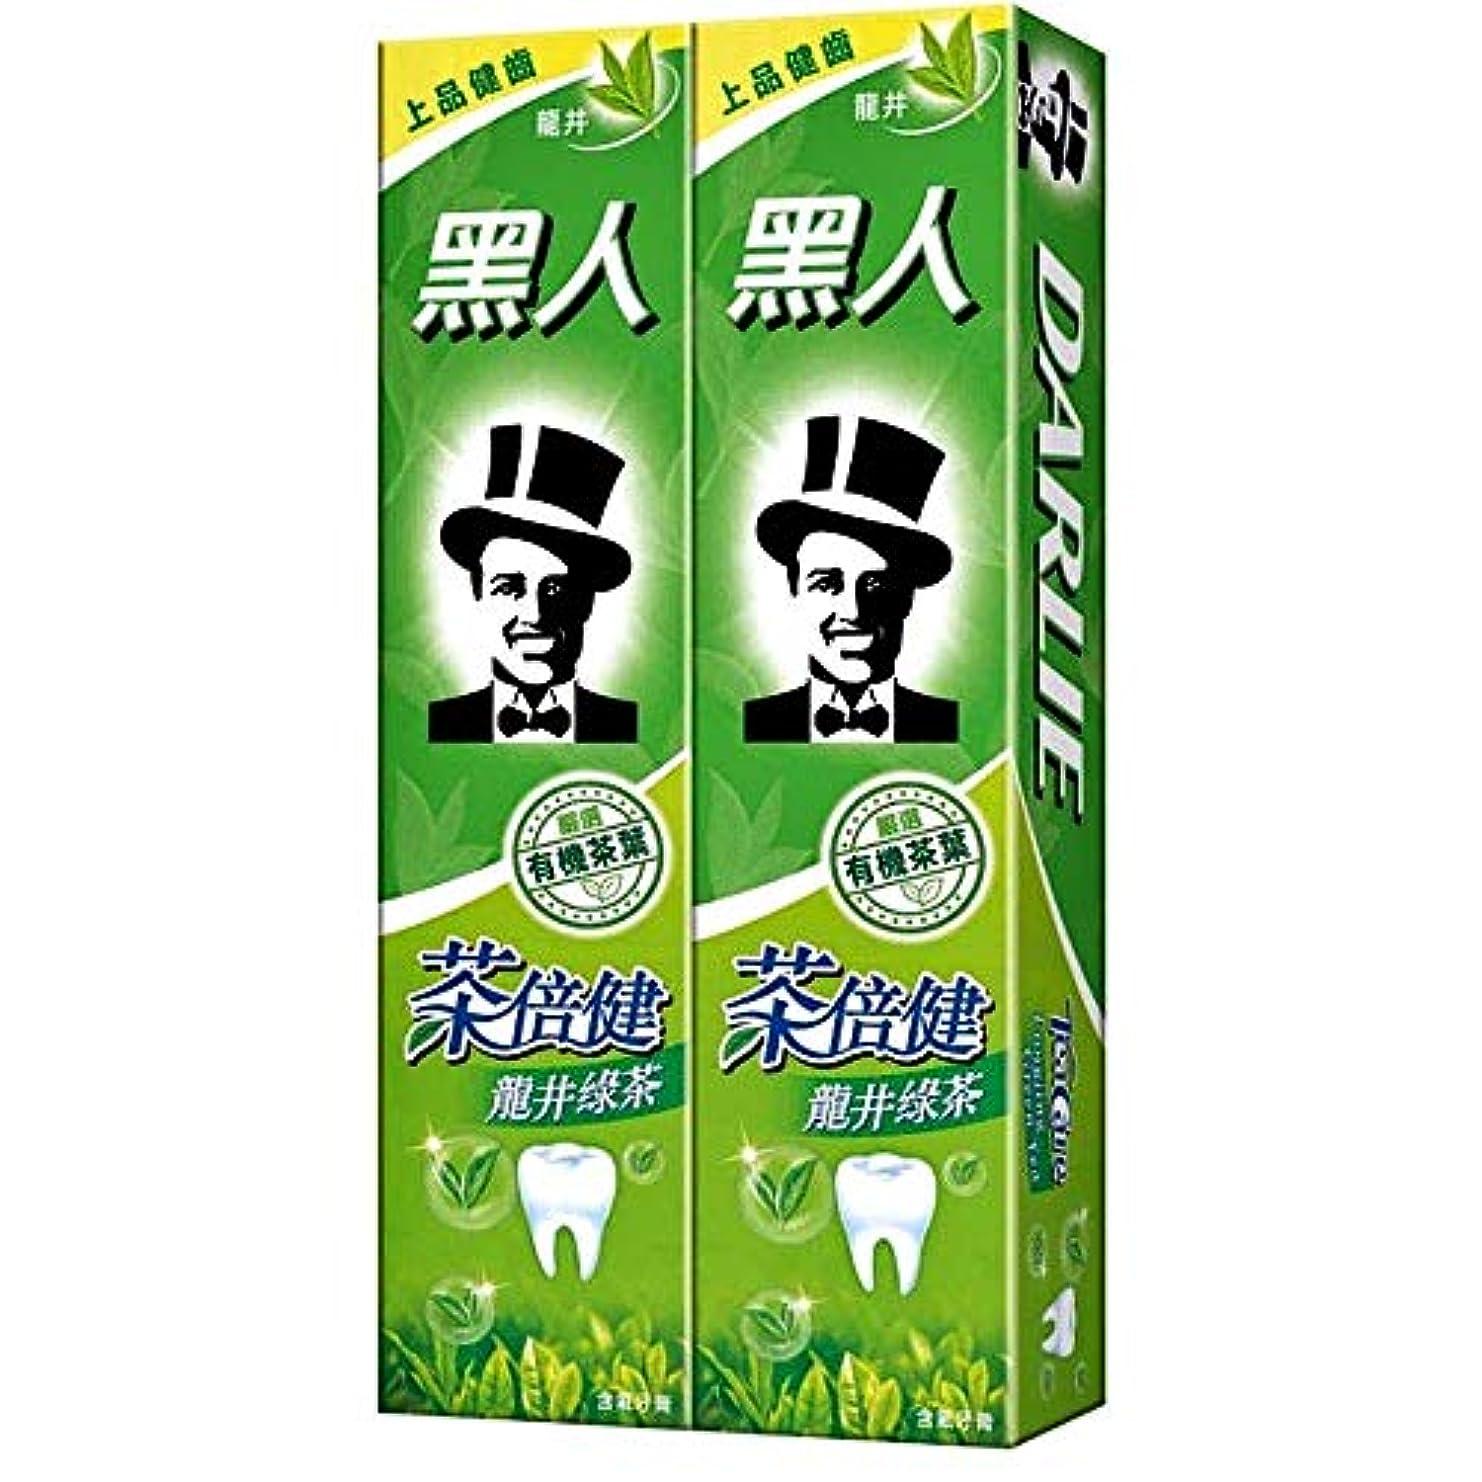 露退化する対処する黑人 茶倍健 龍井緑茶 緑茶成分歯磨き粉配合160g×2 [並行輸入品]